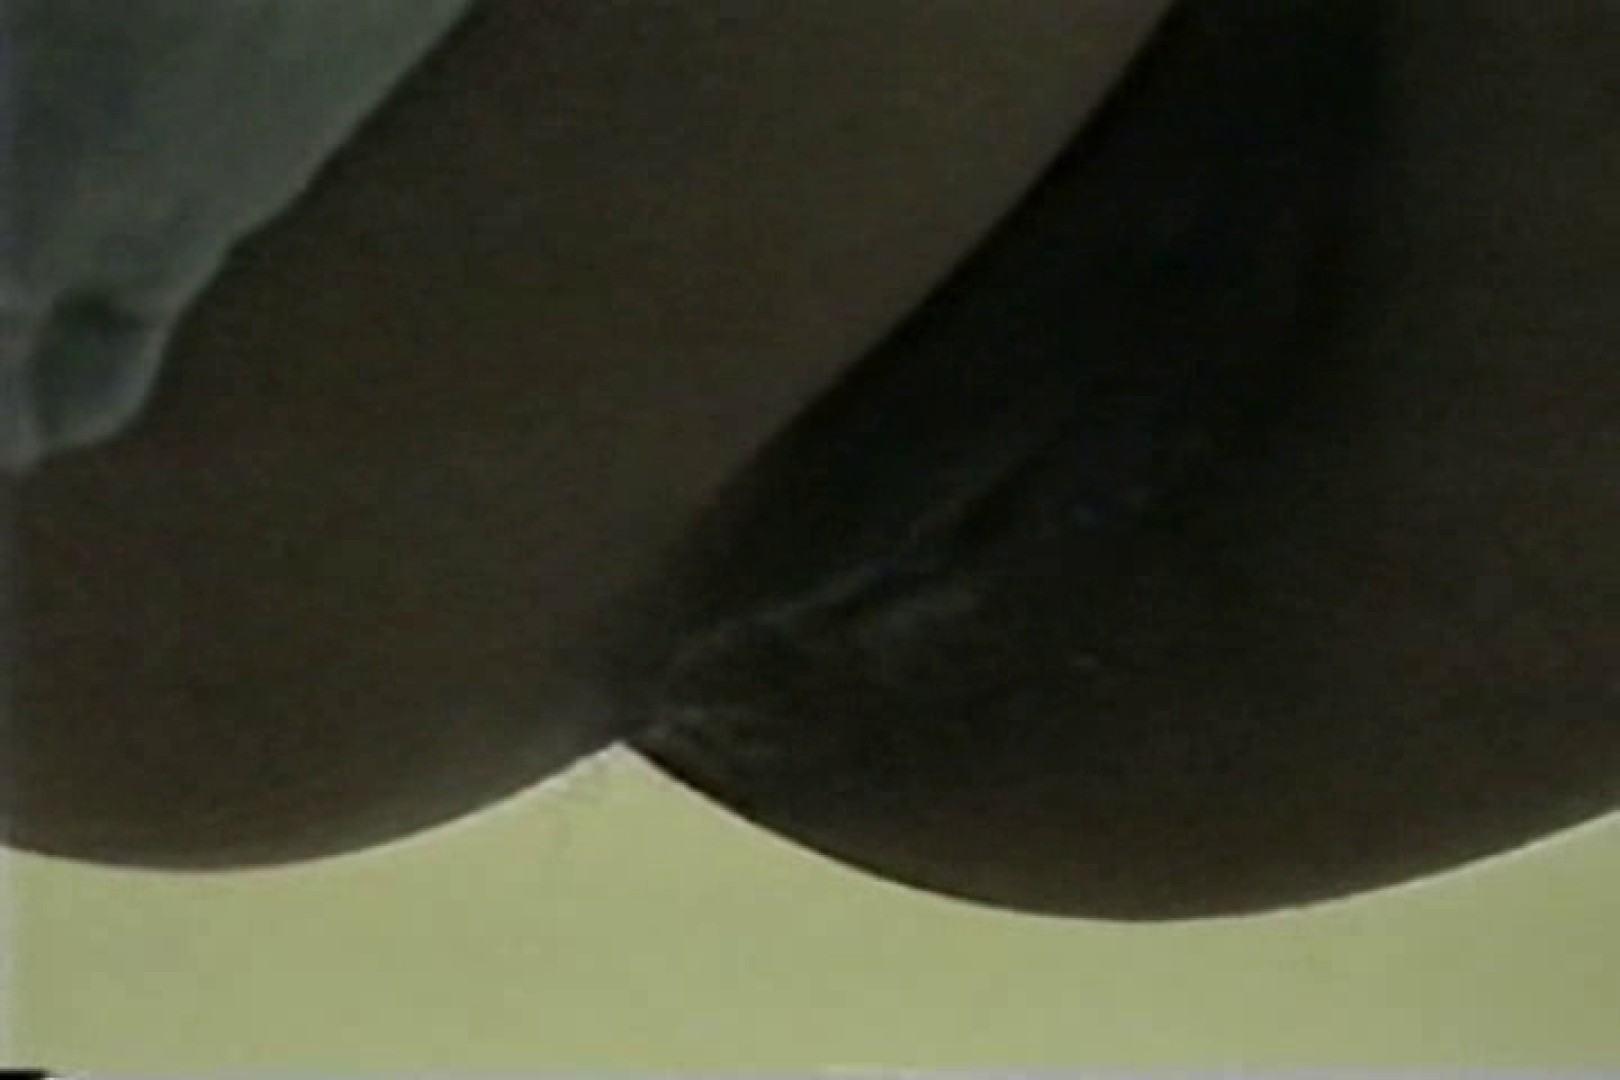 まめぞうDVD完全版VOL.4 ギャル セックス画像 85pic 15